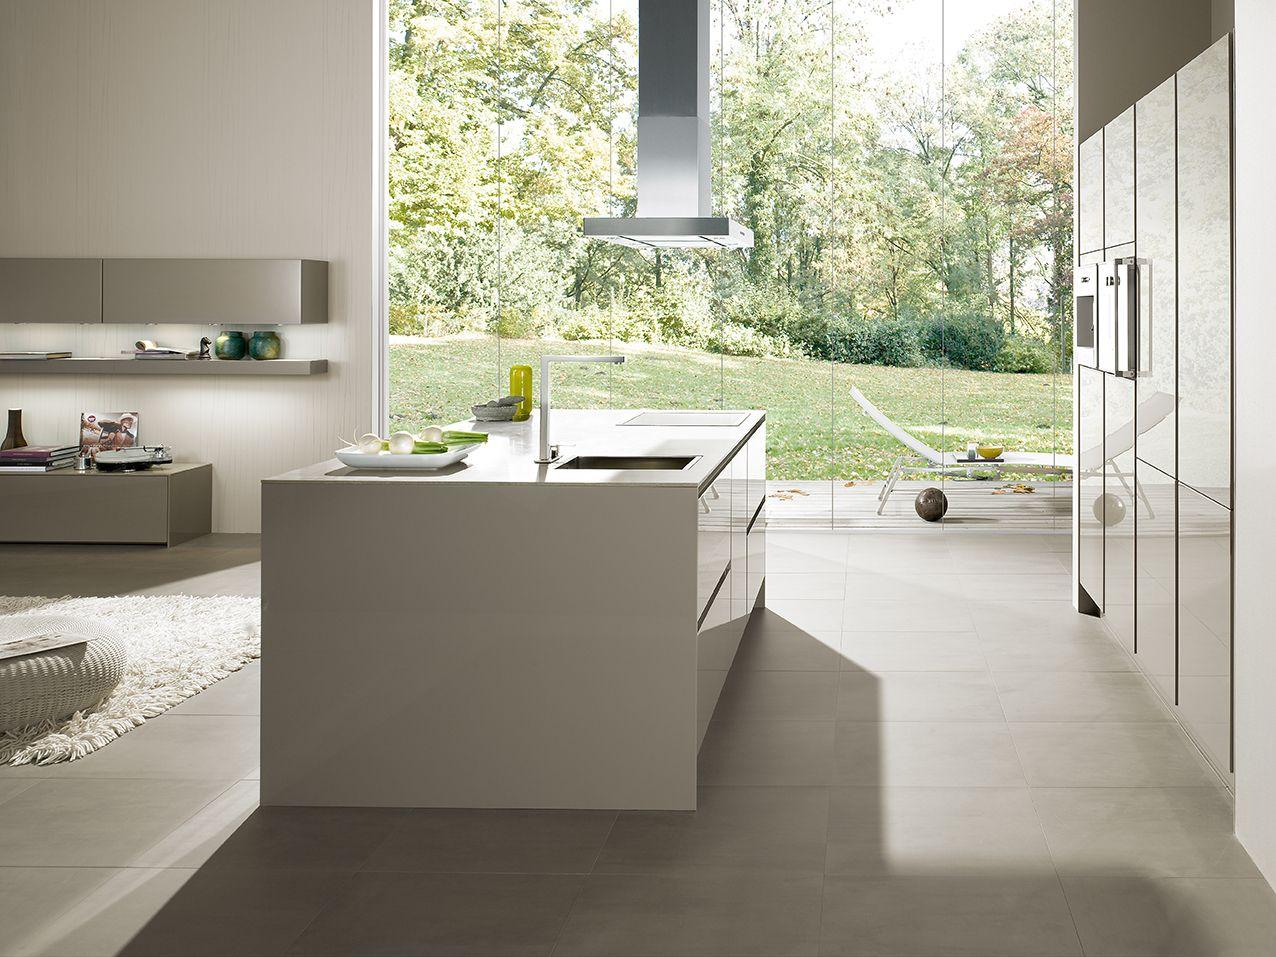 SieMatic Küche hochglänzend mit Insel grau   AMBIENTE / INTERIOR ...